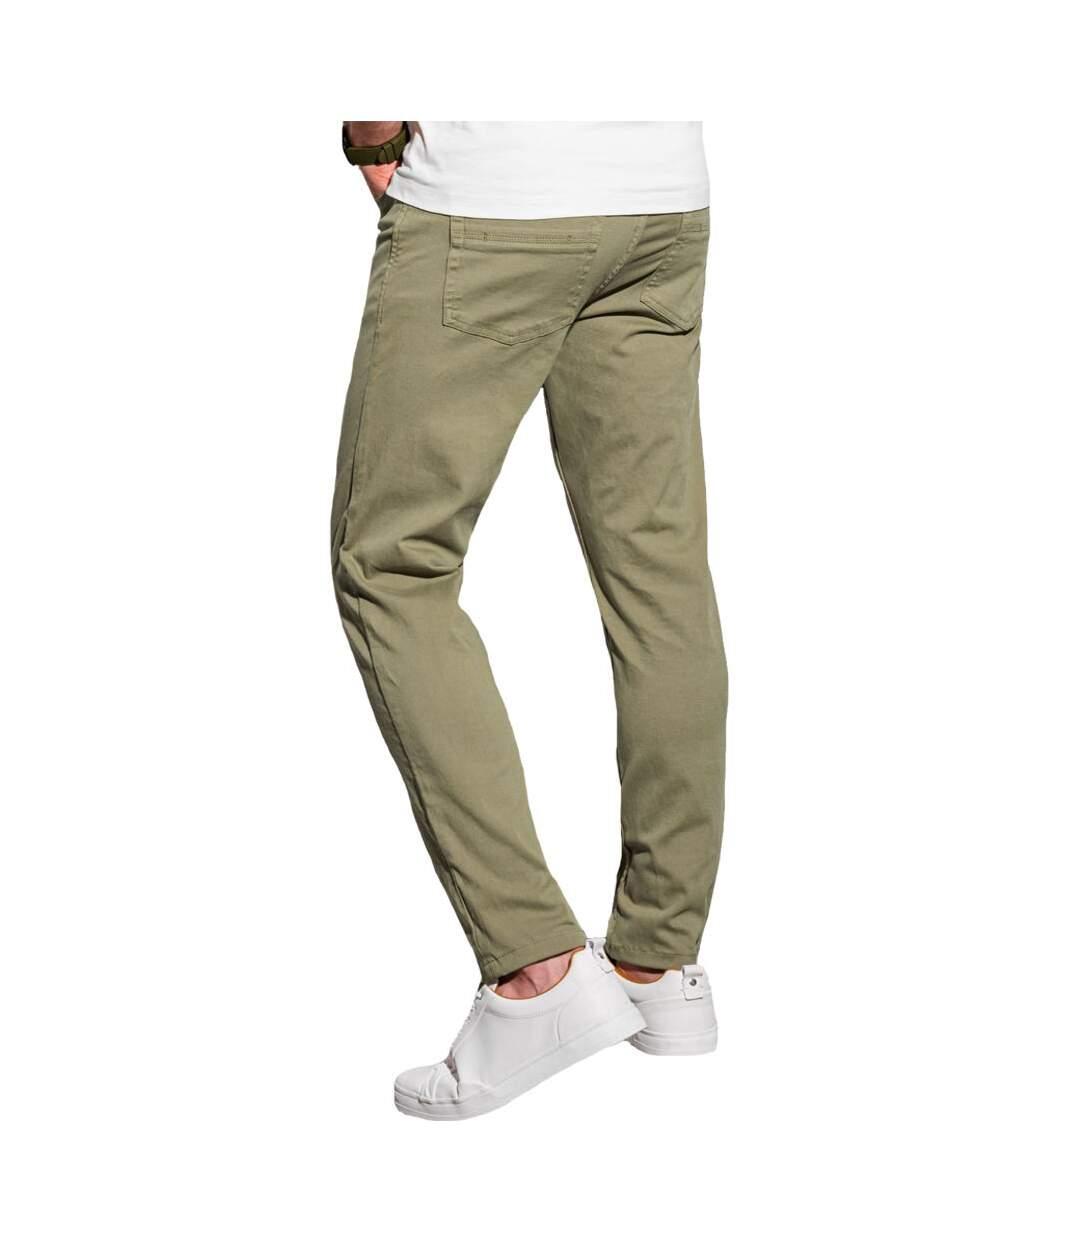 Pantalon chino pour homme Pantalon 990 vert